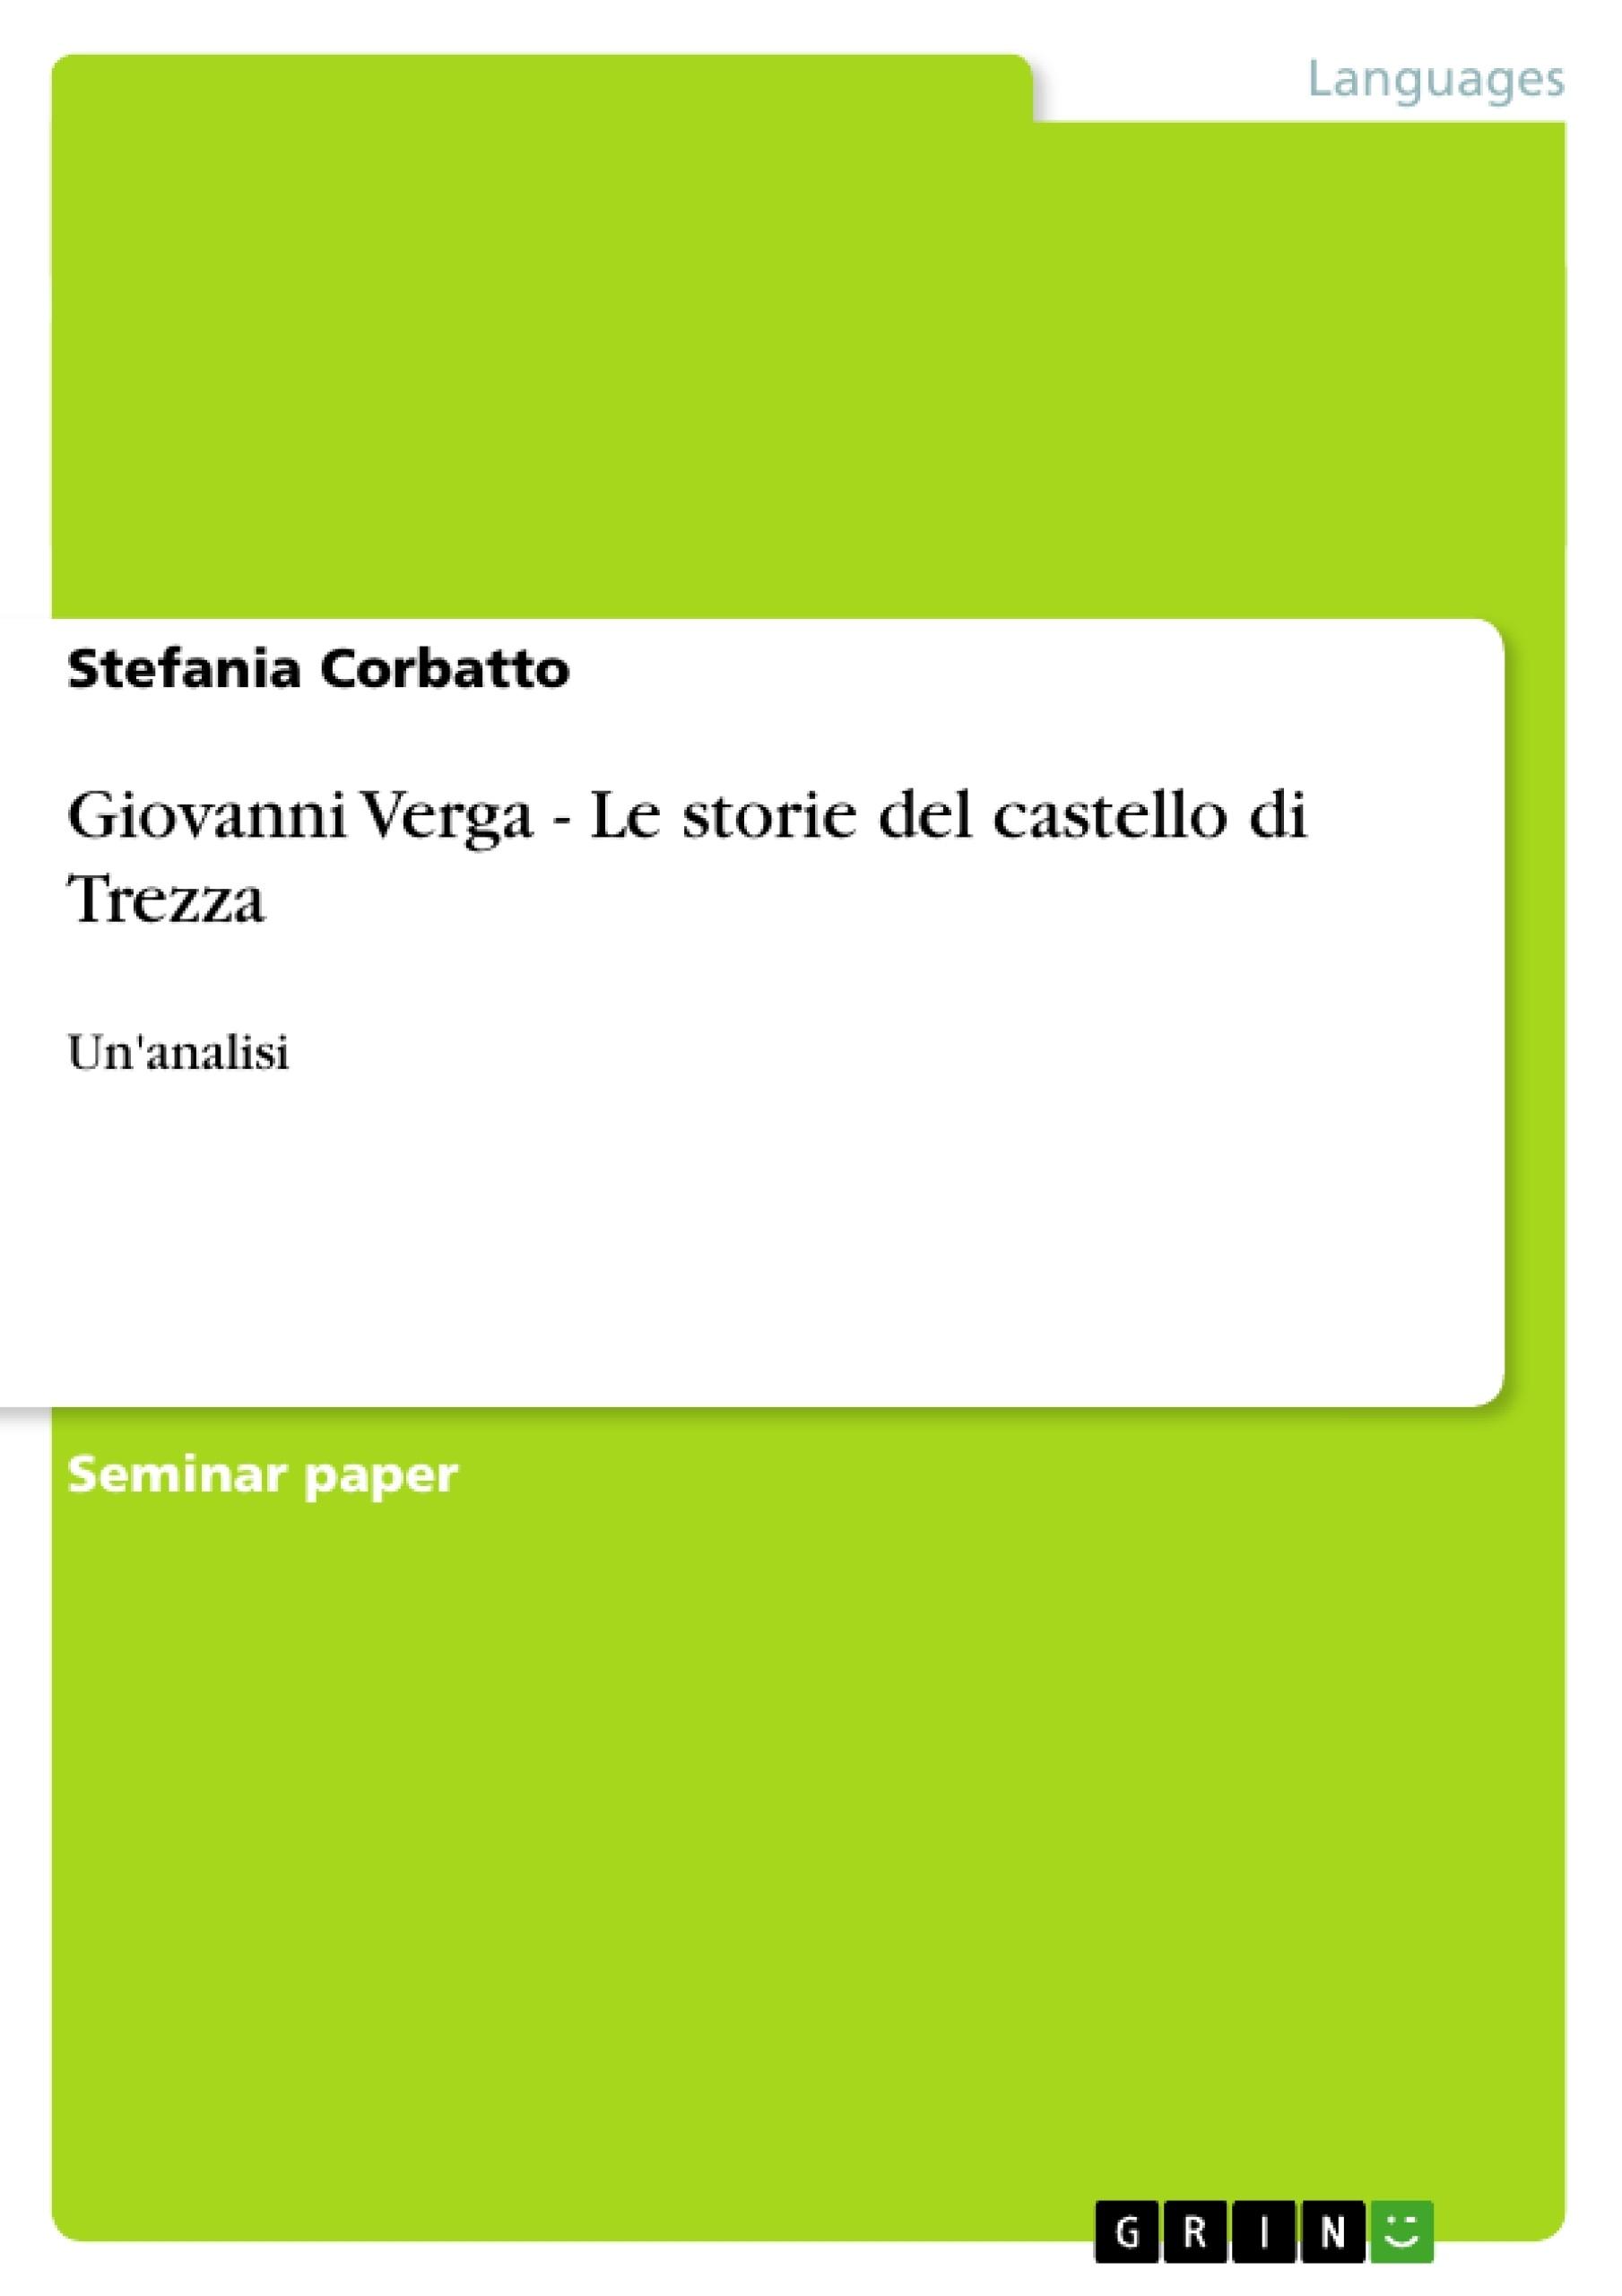 Title: Giovanni Verga - Le storie del castello di Trezza